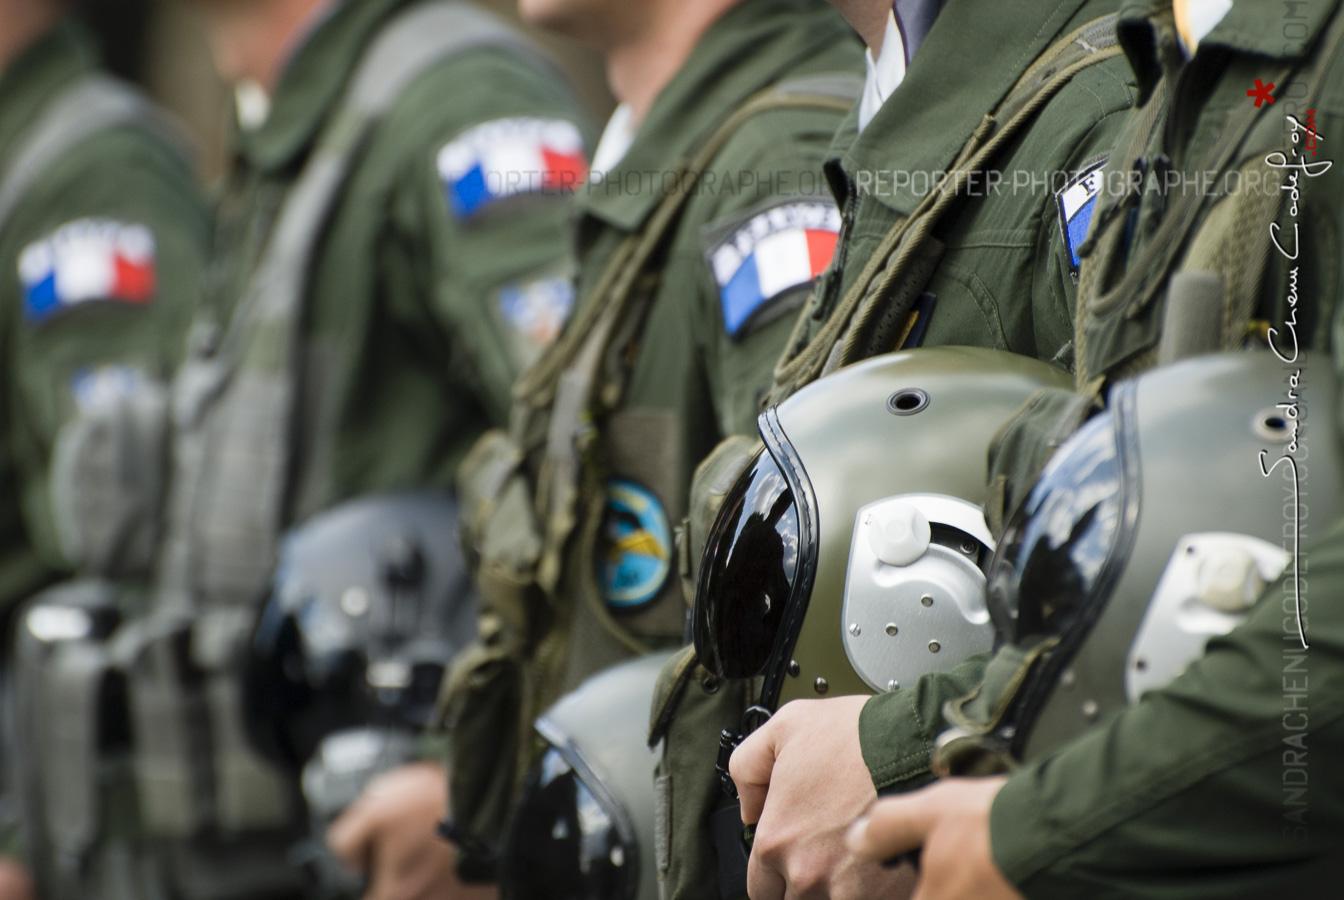 Défilé à pied de pilotes sur les Champs Elysées [Ref: 4511-11-0843]